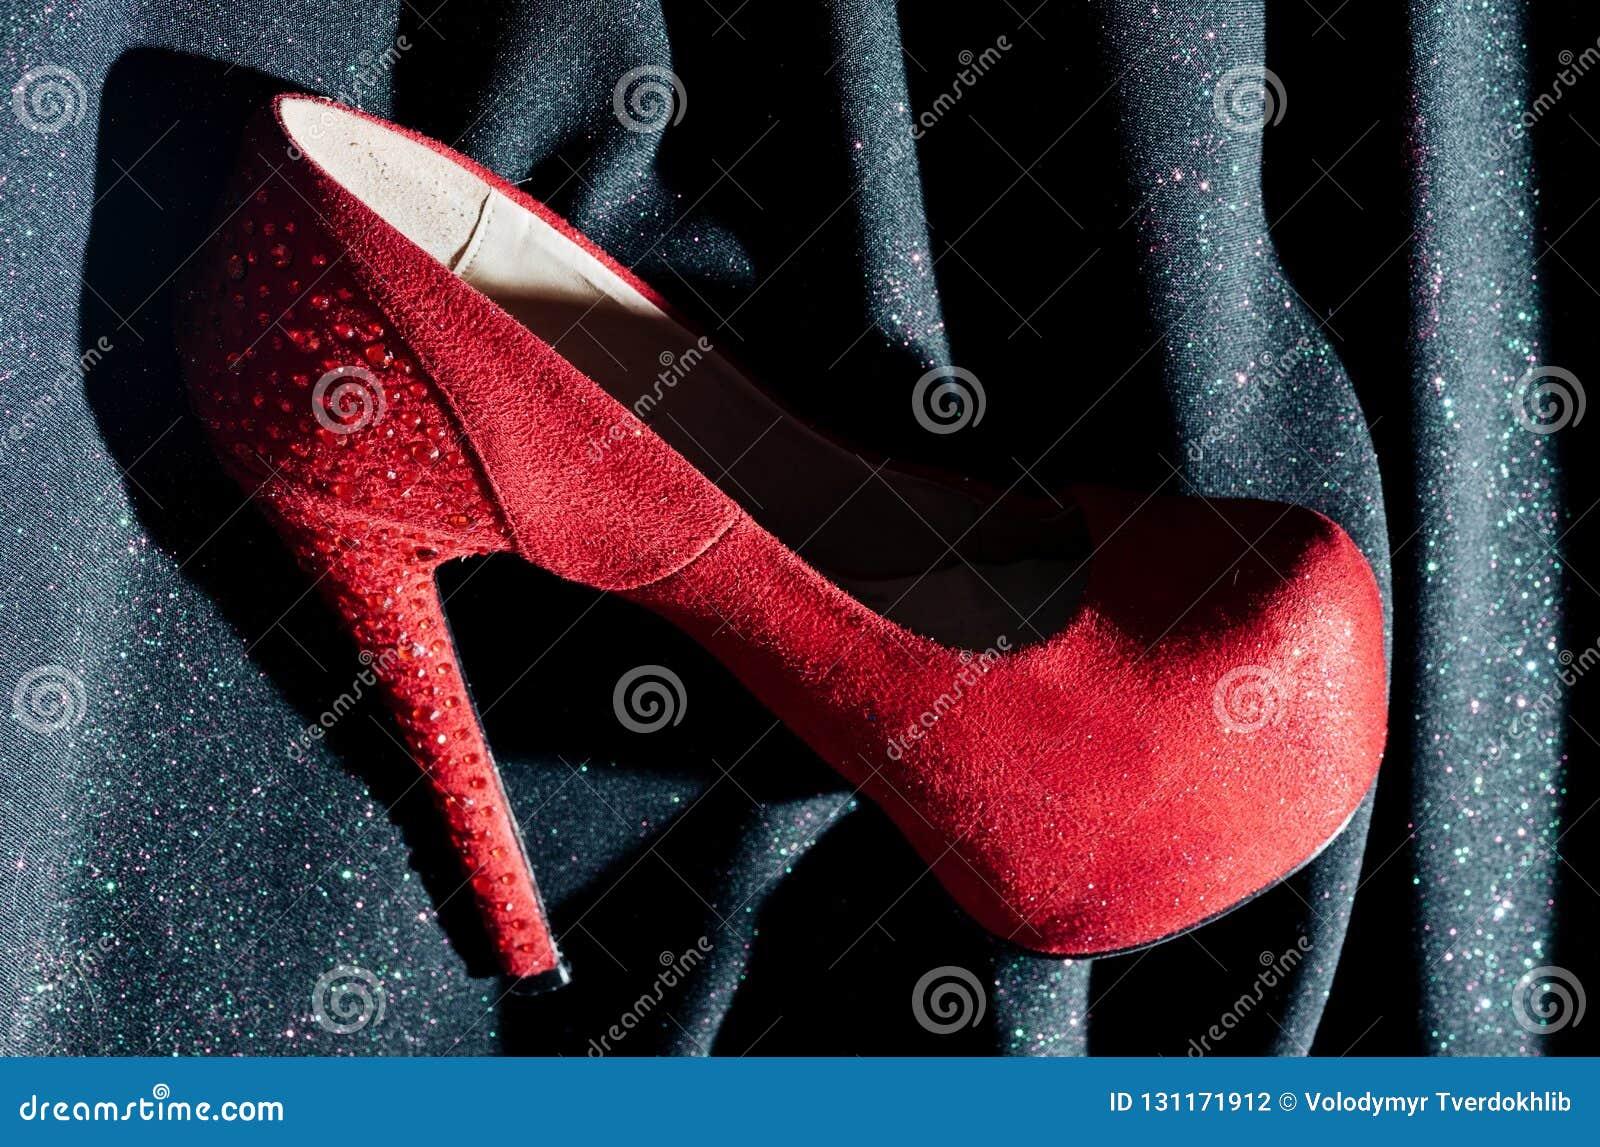 фасонируйте ботинок желание Шоппинг Магазин ботинок красные ботинки для дамы фетиш и любовь Женщина в обувном магазине Красотка и